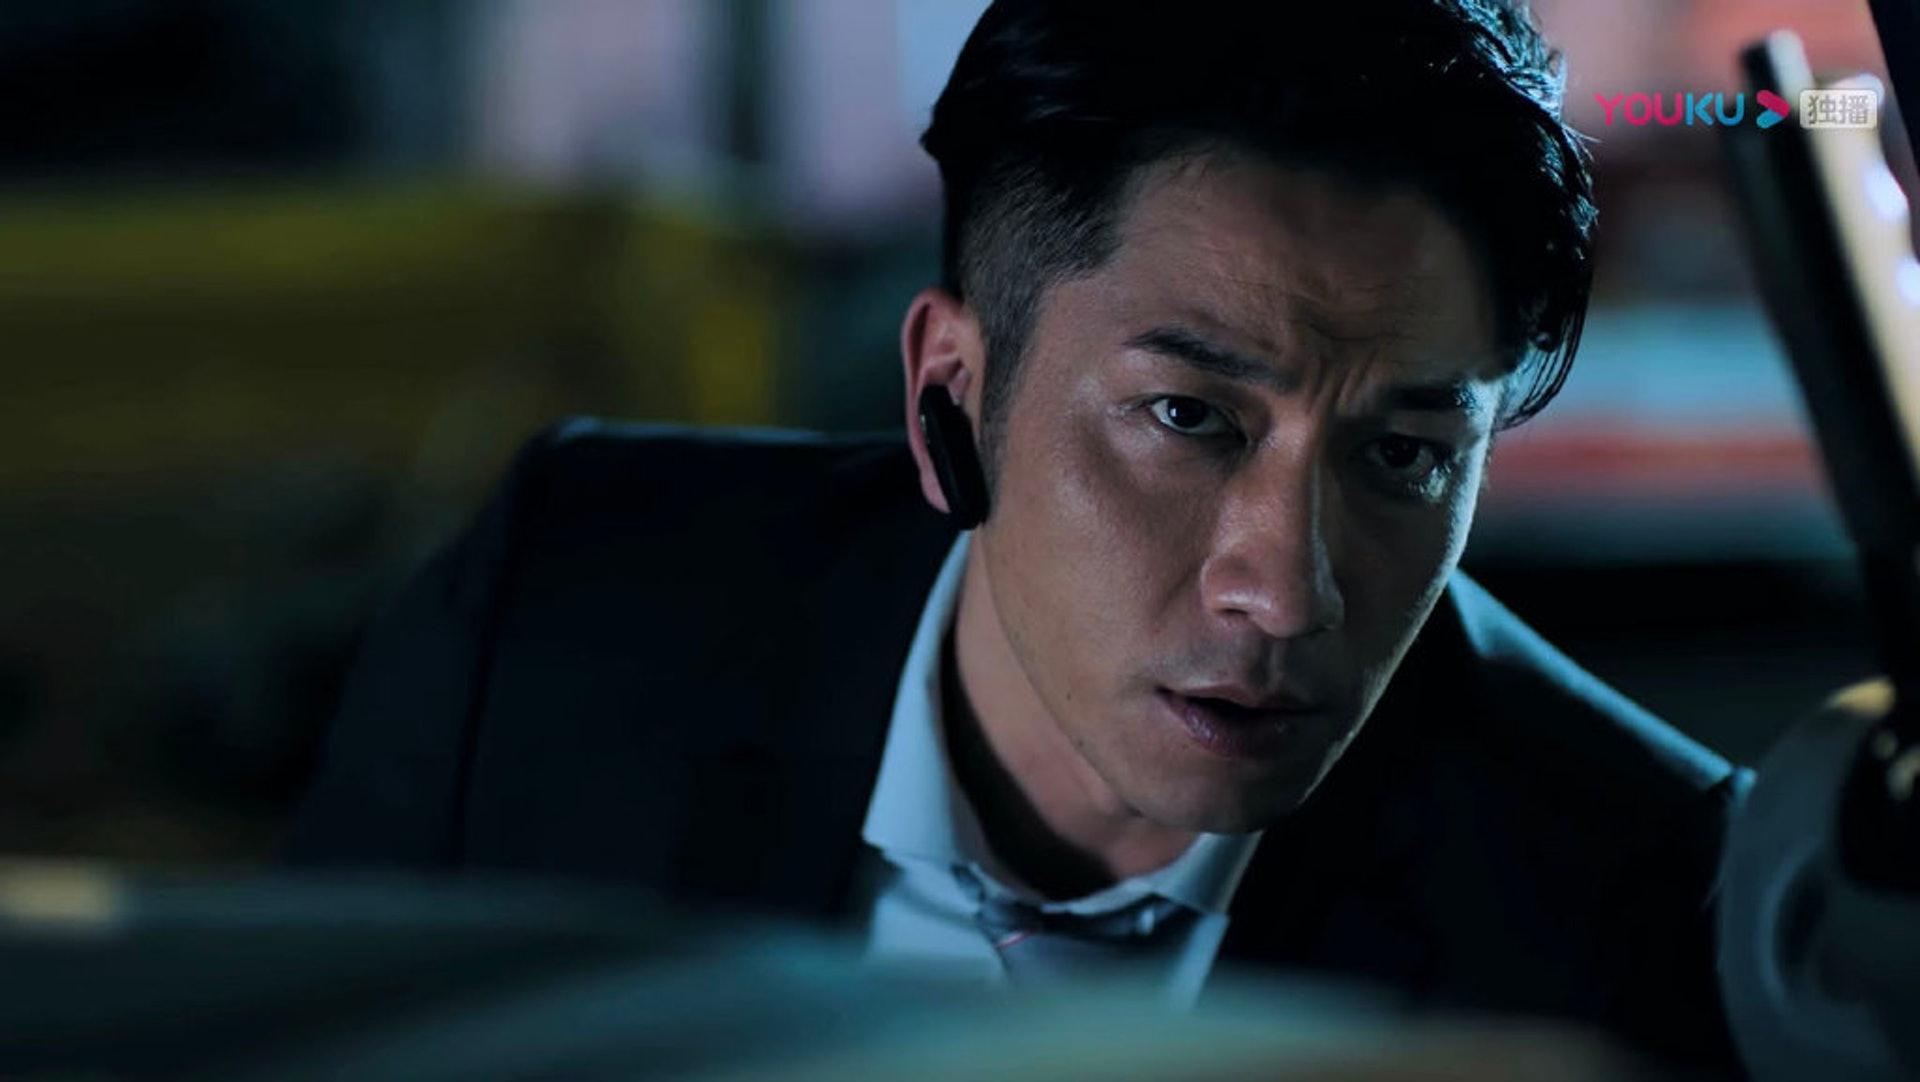 三人在劇中同坐一枱打邊爐的鏡頭讓不少觀眾憶起過去「TVB五小生」(還有林峯、陳鍵鋒)的活躍年代。(微博/@飛虎之雷霆極戰)